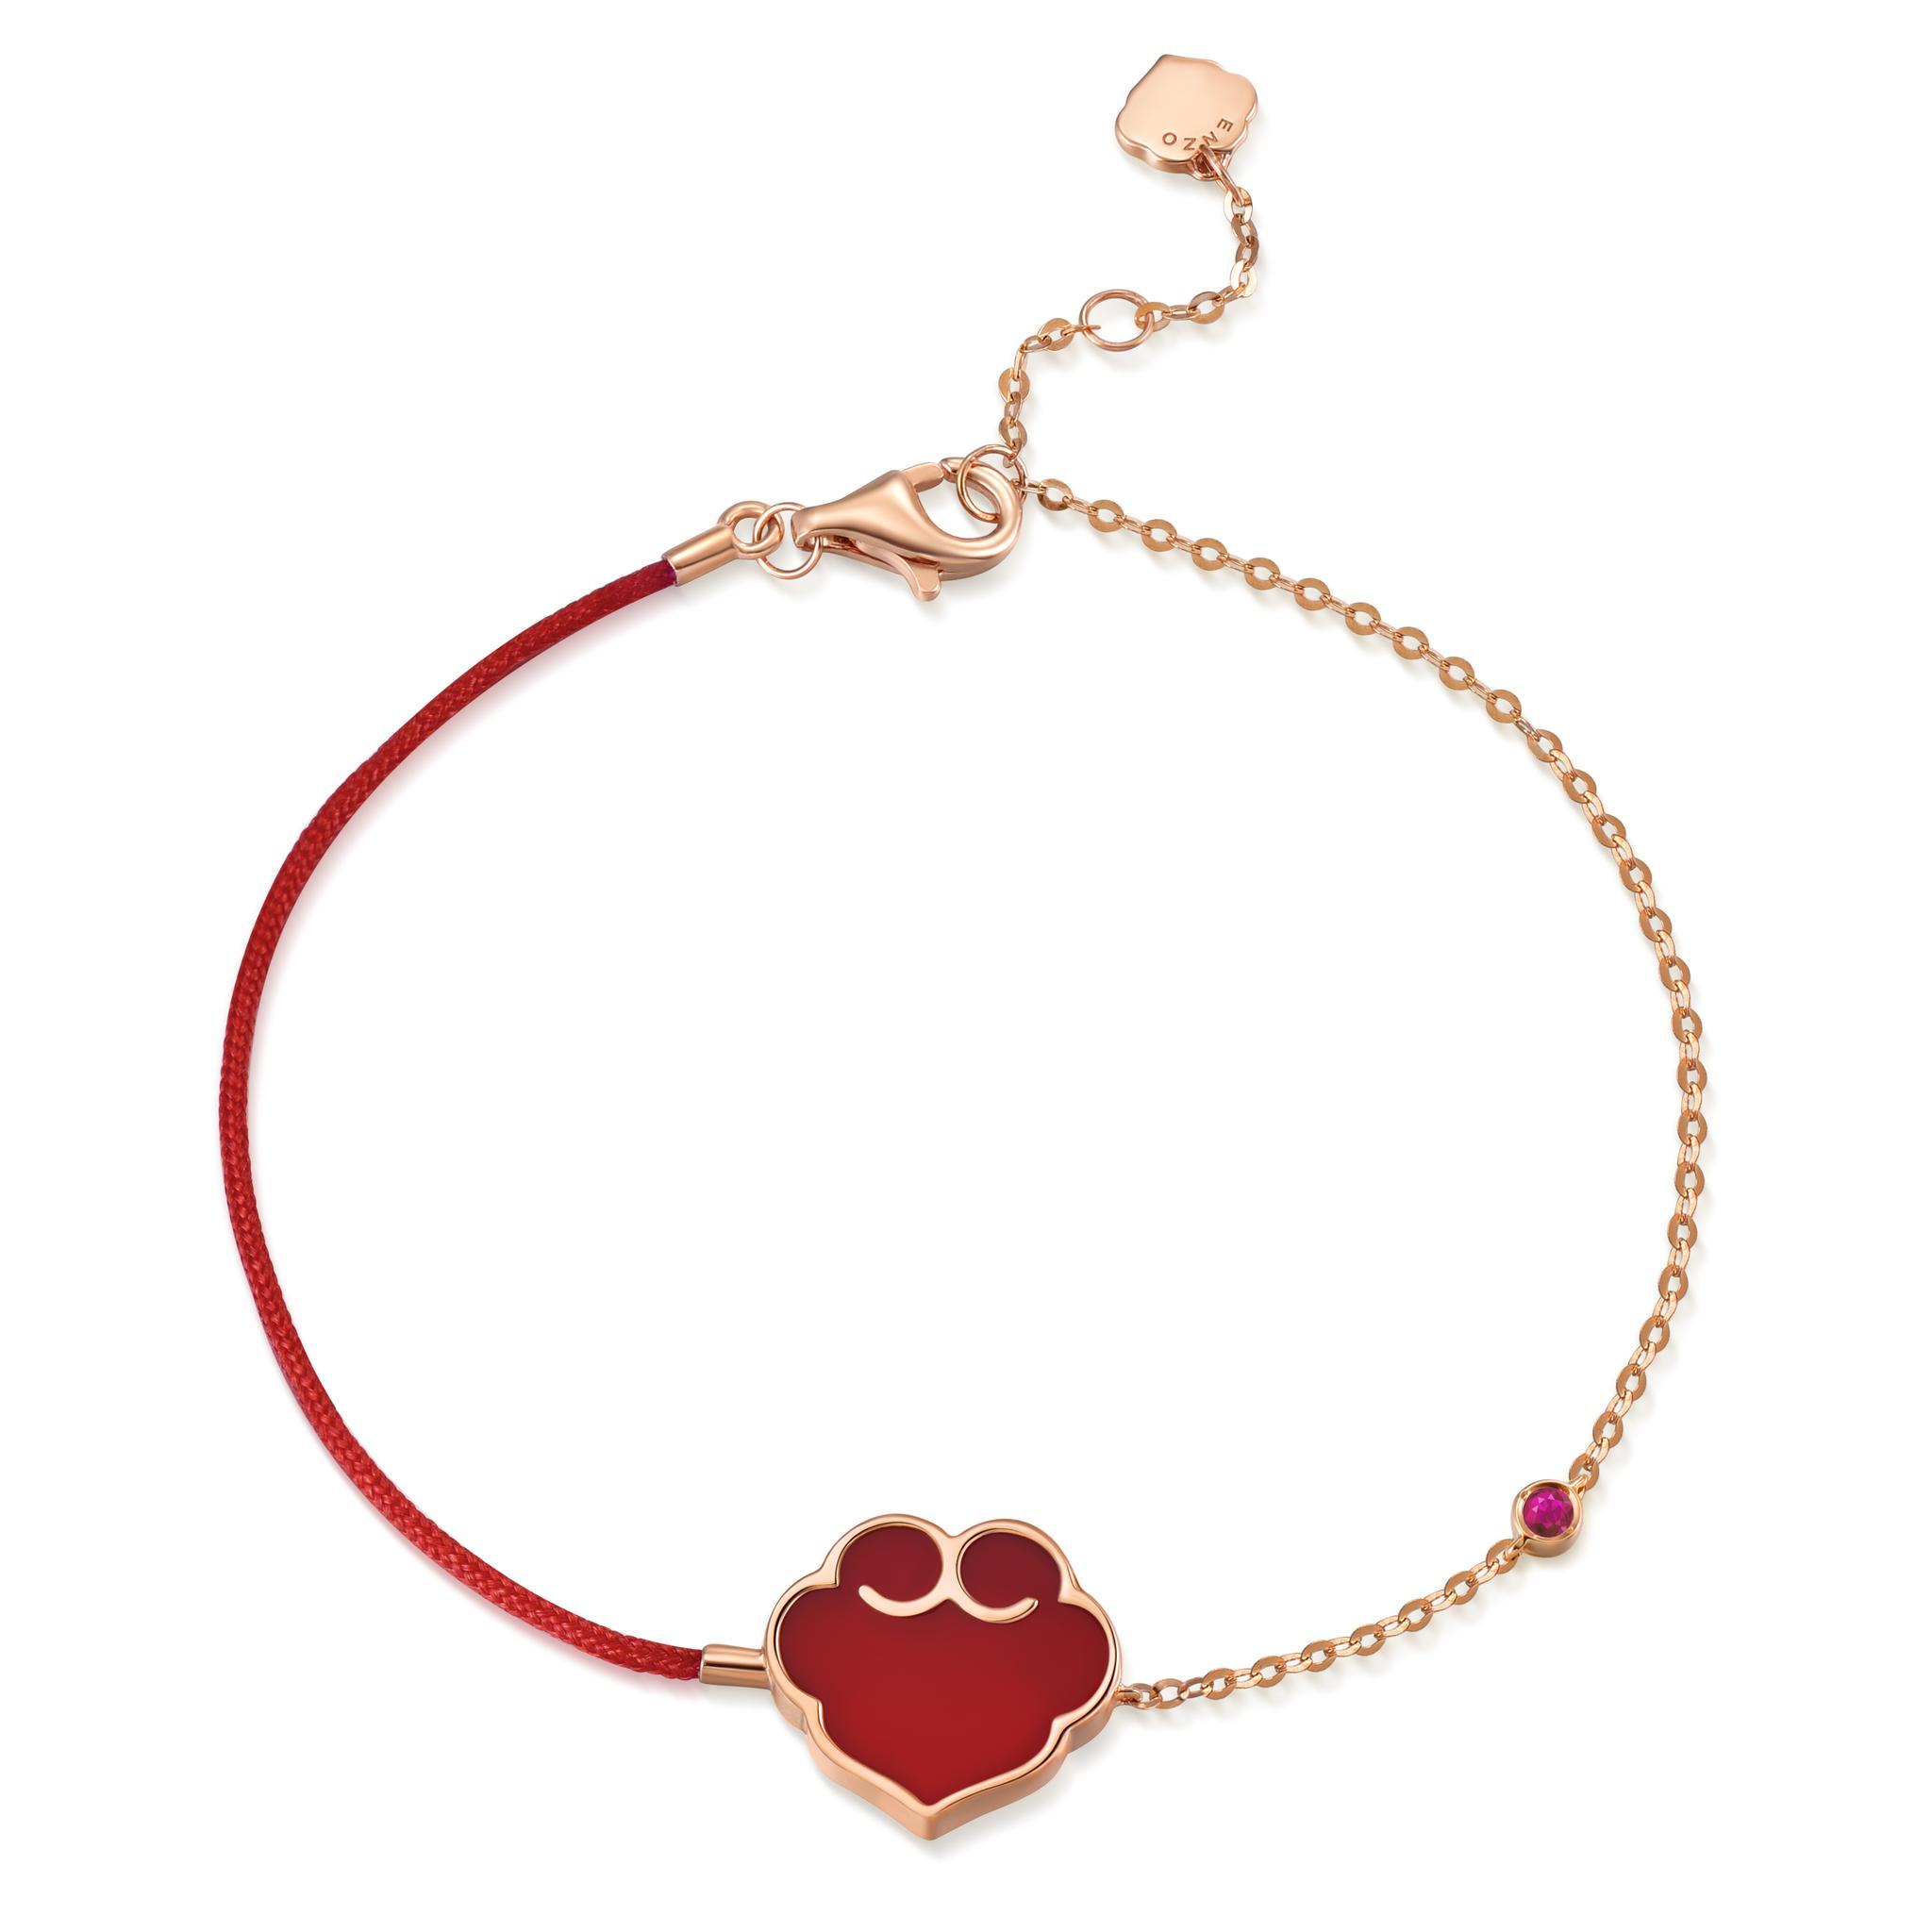 故宫宫廷文化 x ENZO 如意系列 18K金镶红玛瑙手链